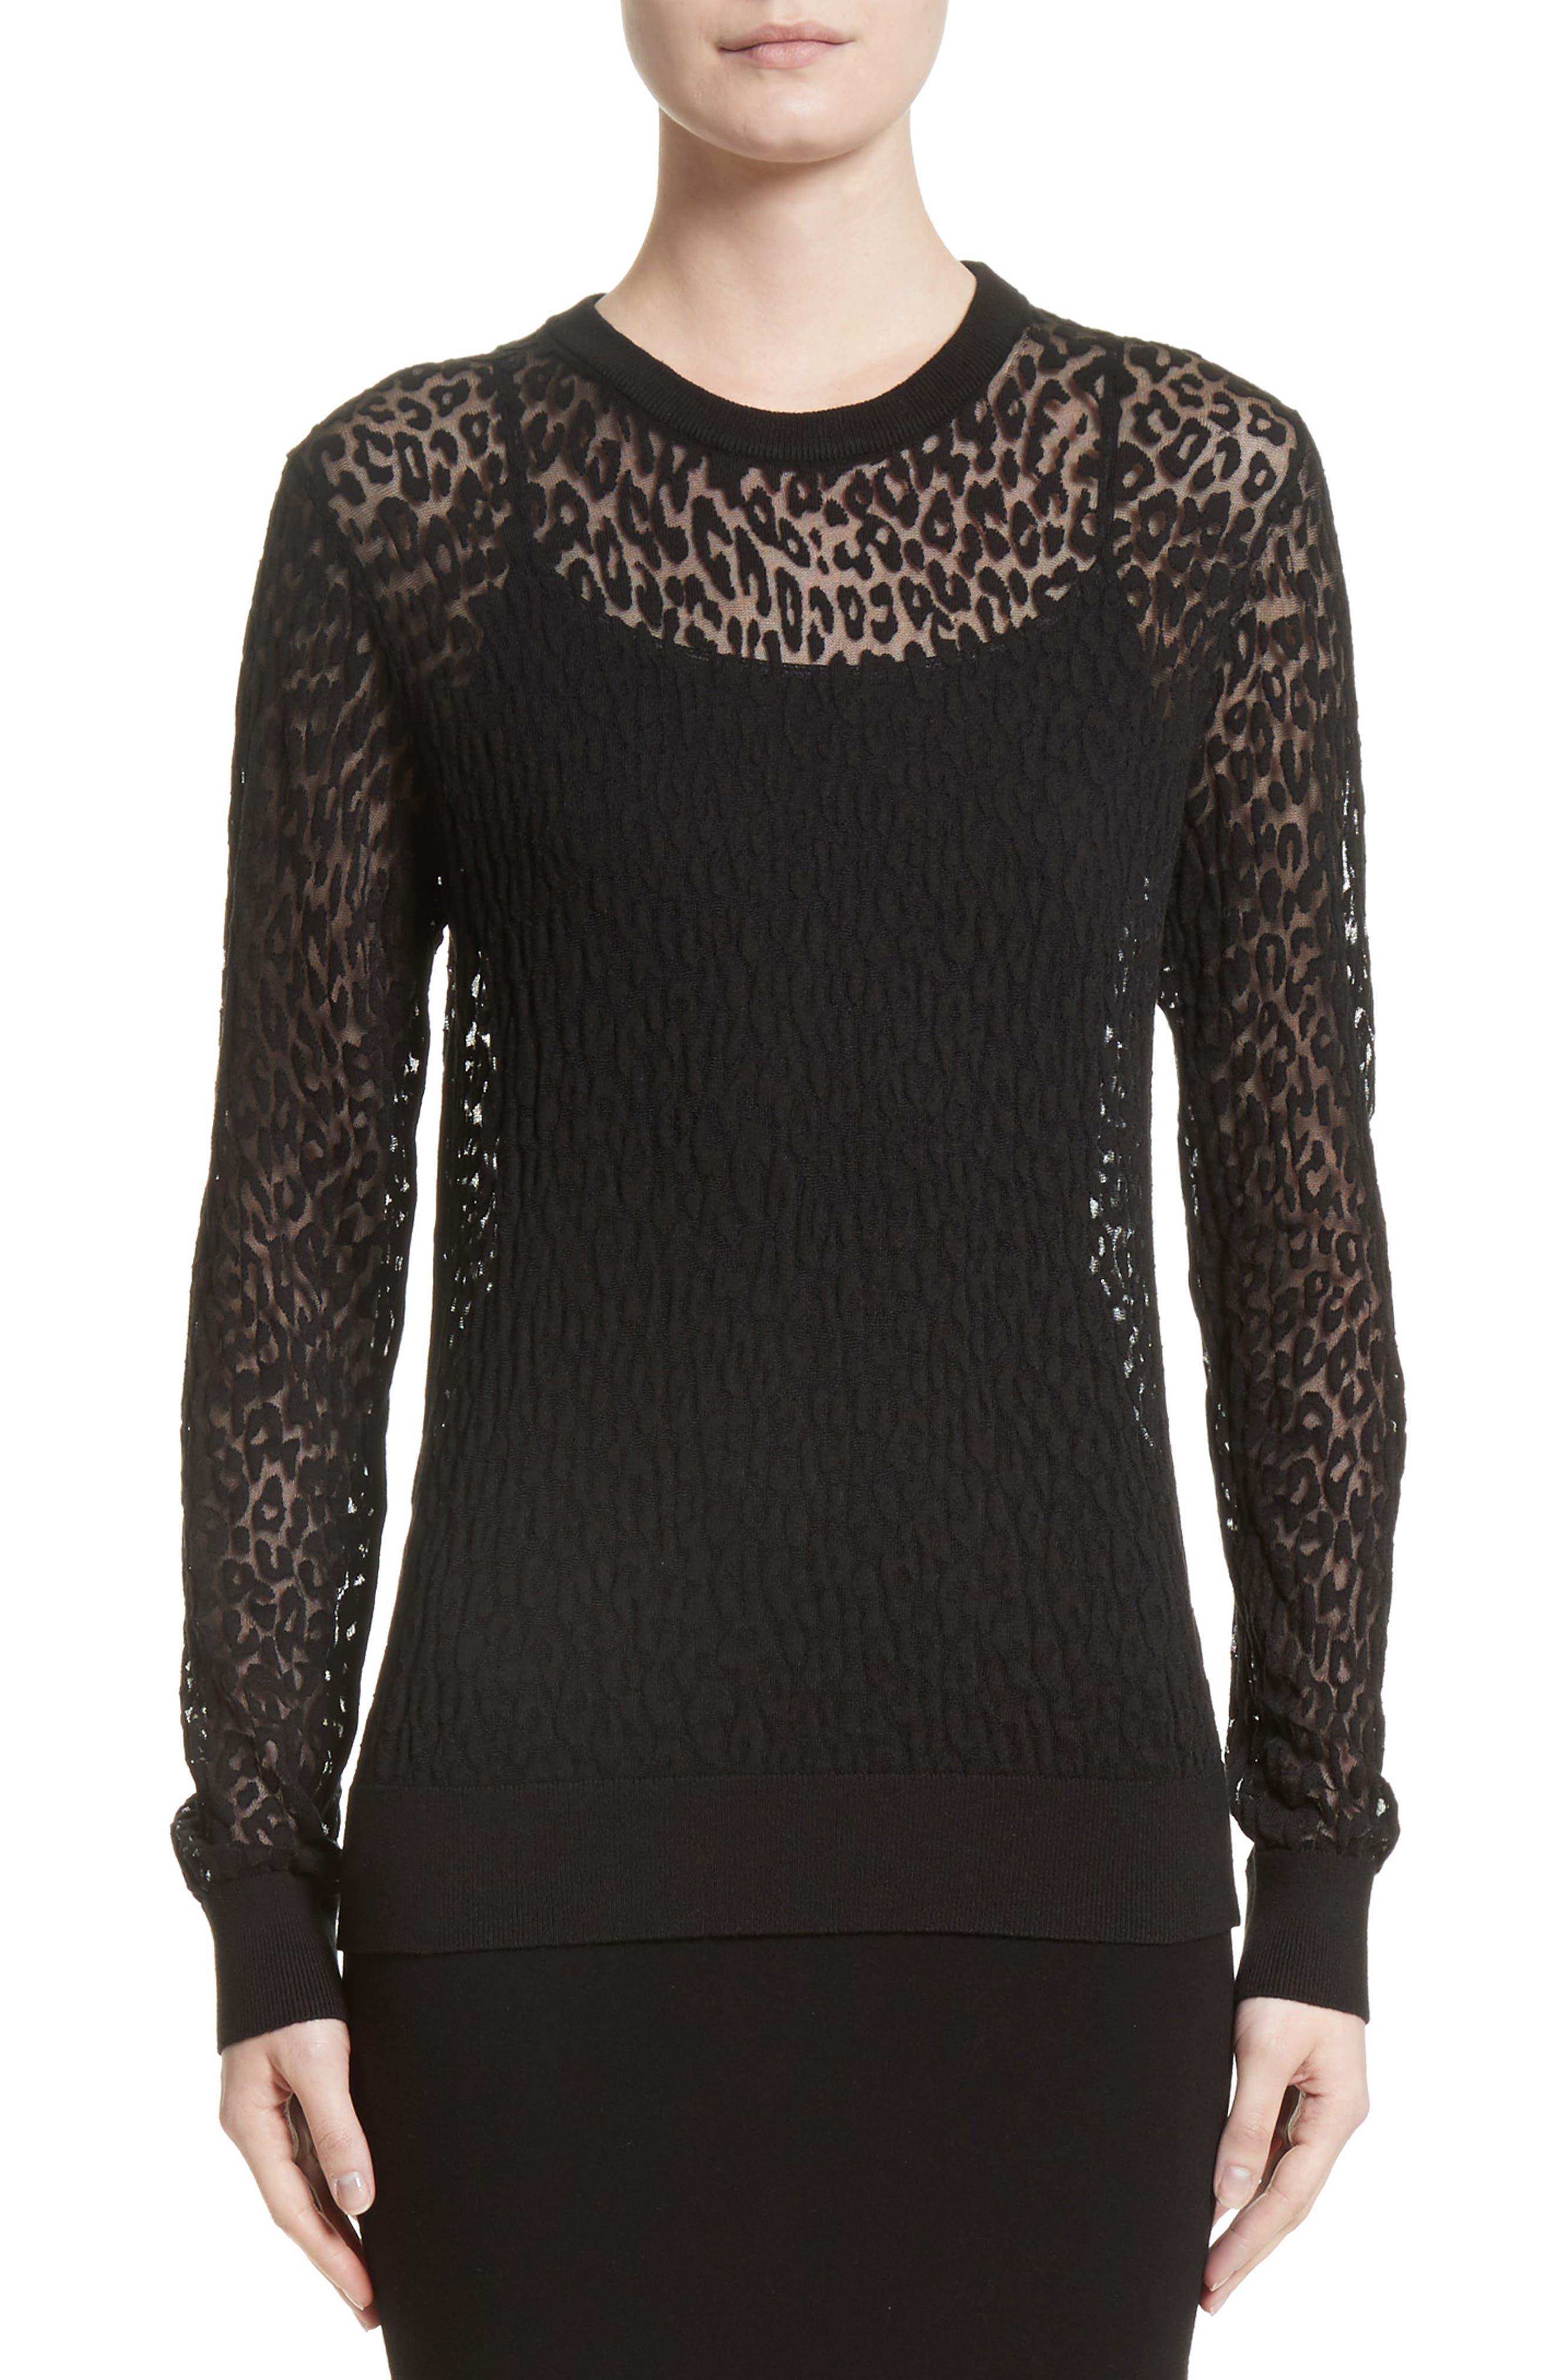 Michael Kors Burnout Leopard Sweater